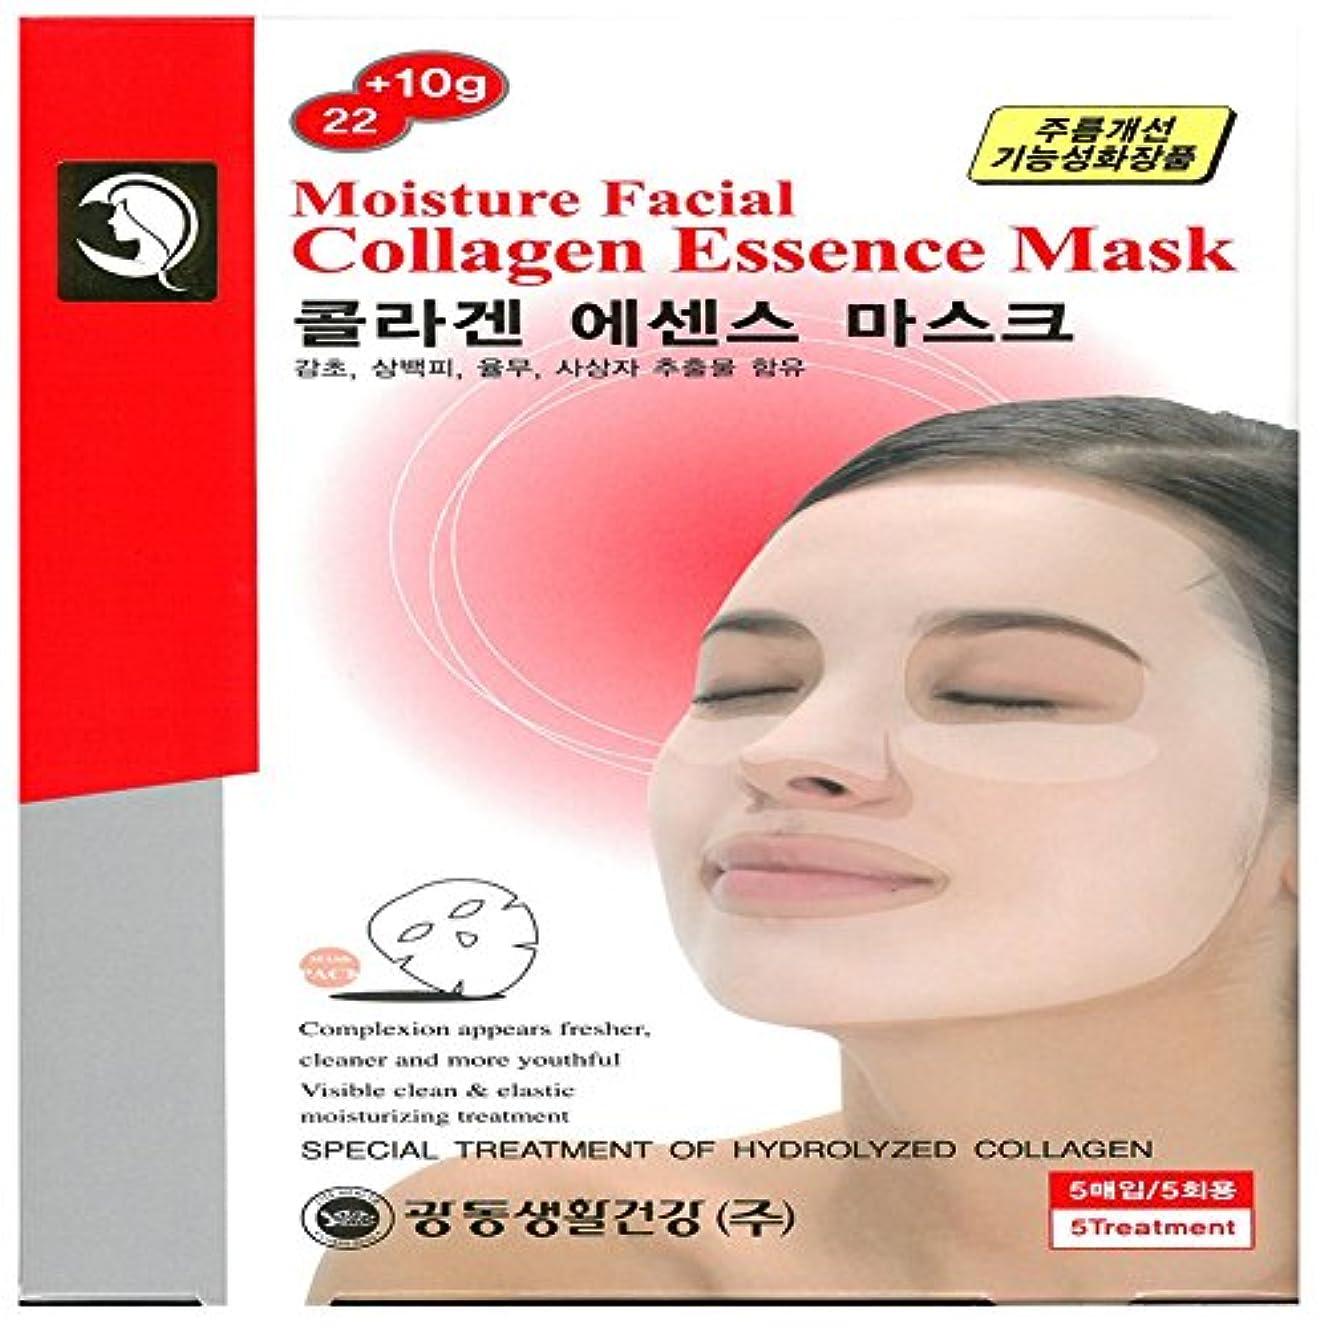 スクラッチ小切手過言[光東] kwangdong モイスチャーフェイシャルコラーゲンエッセンスマスク Moisture Facial Collagen Essence Mask 32gX5ea (海外直送品) [並行輸入品]